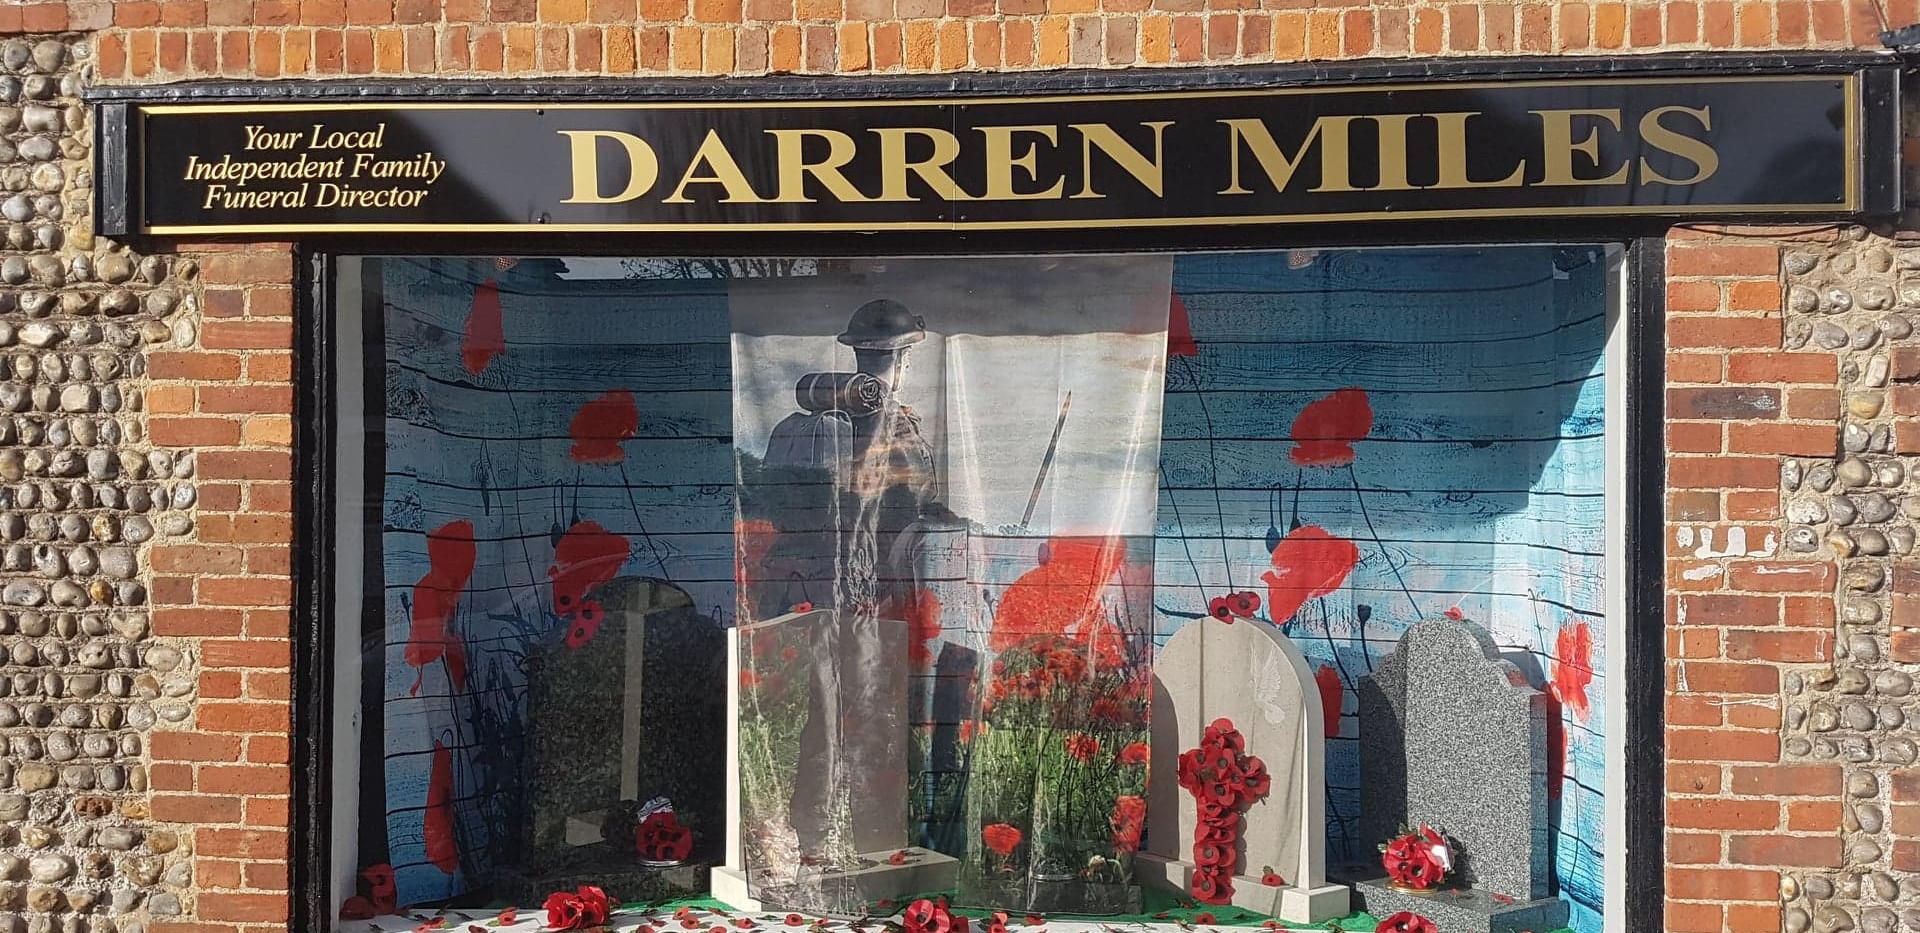 darrenmiles window display.jpg